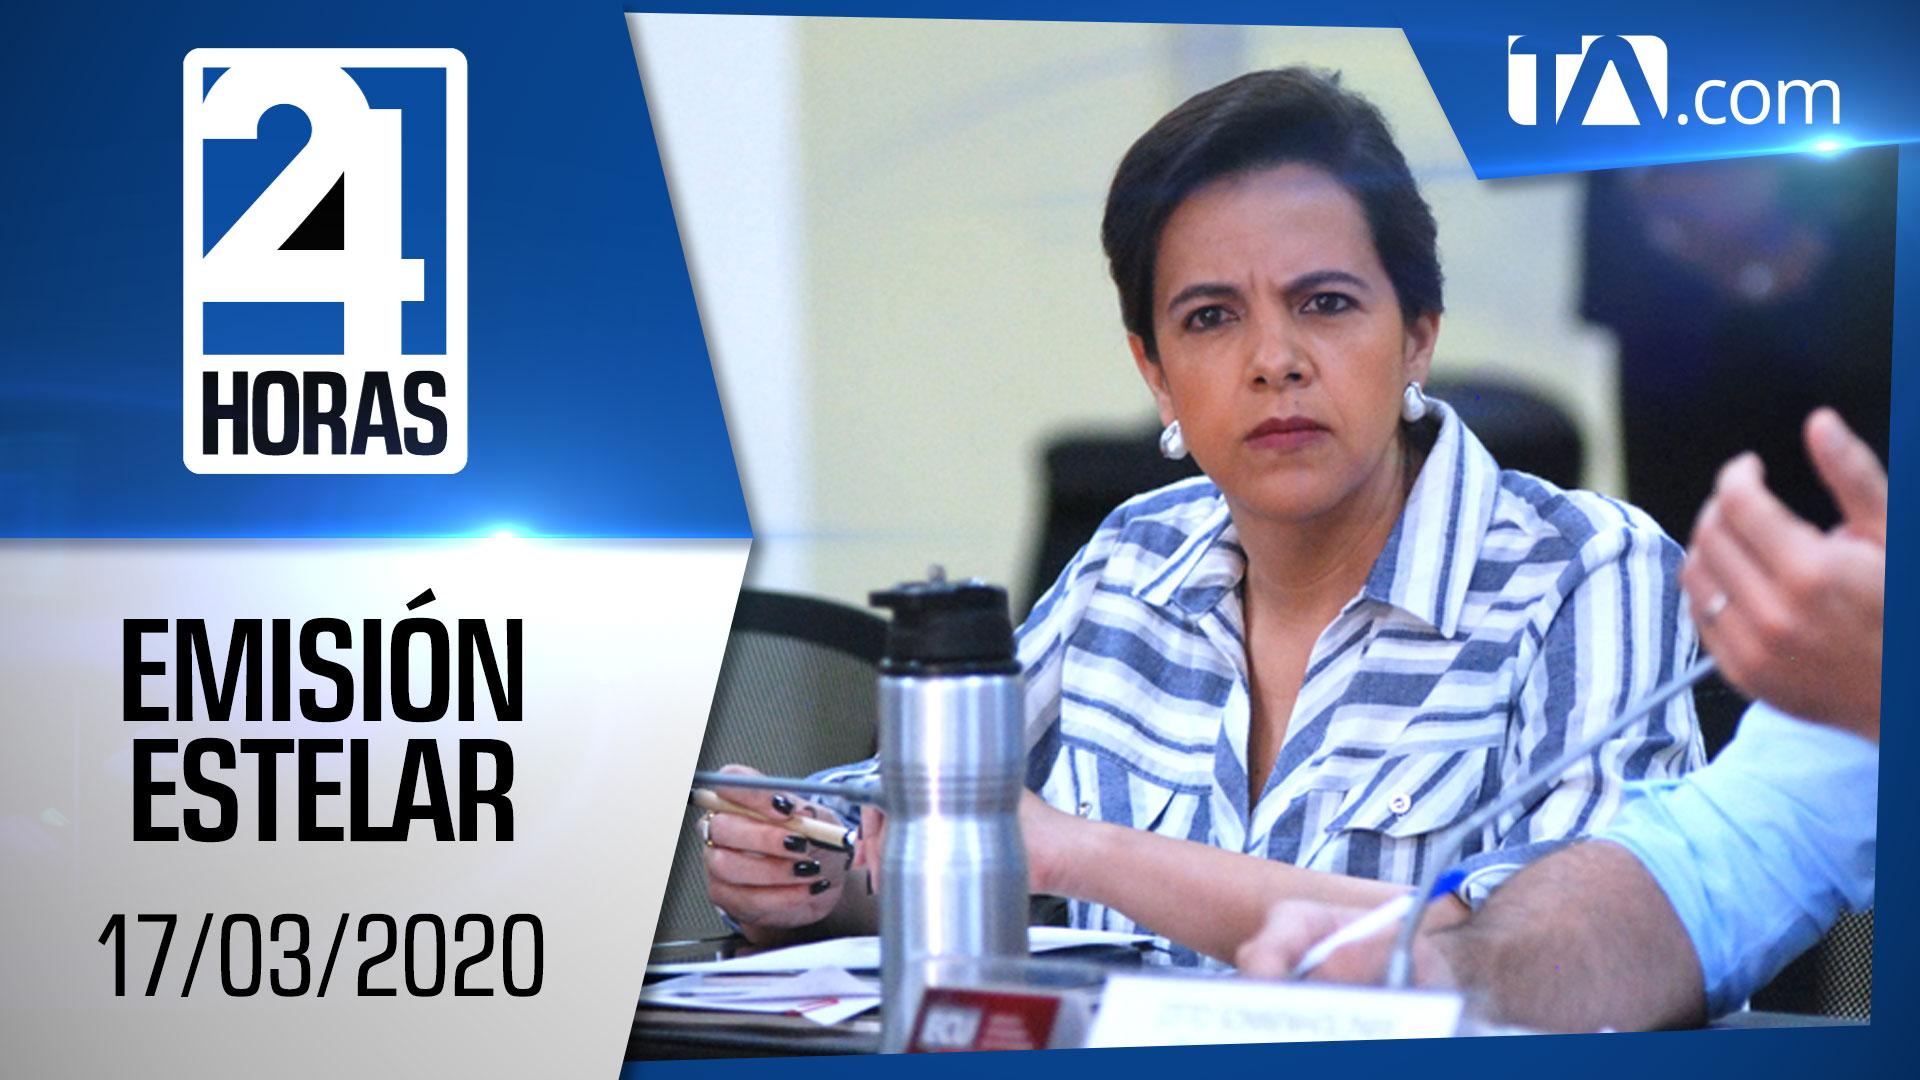 Noticias Ecuador: Noticiero 24 Horas, 17/03/2020 (Emisión Estelar)